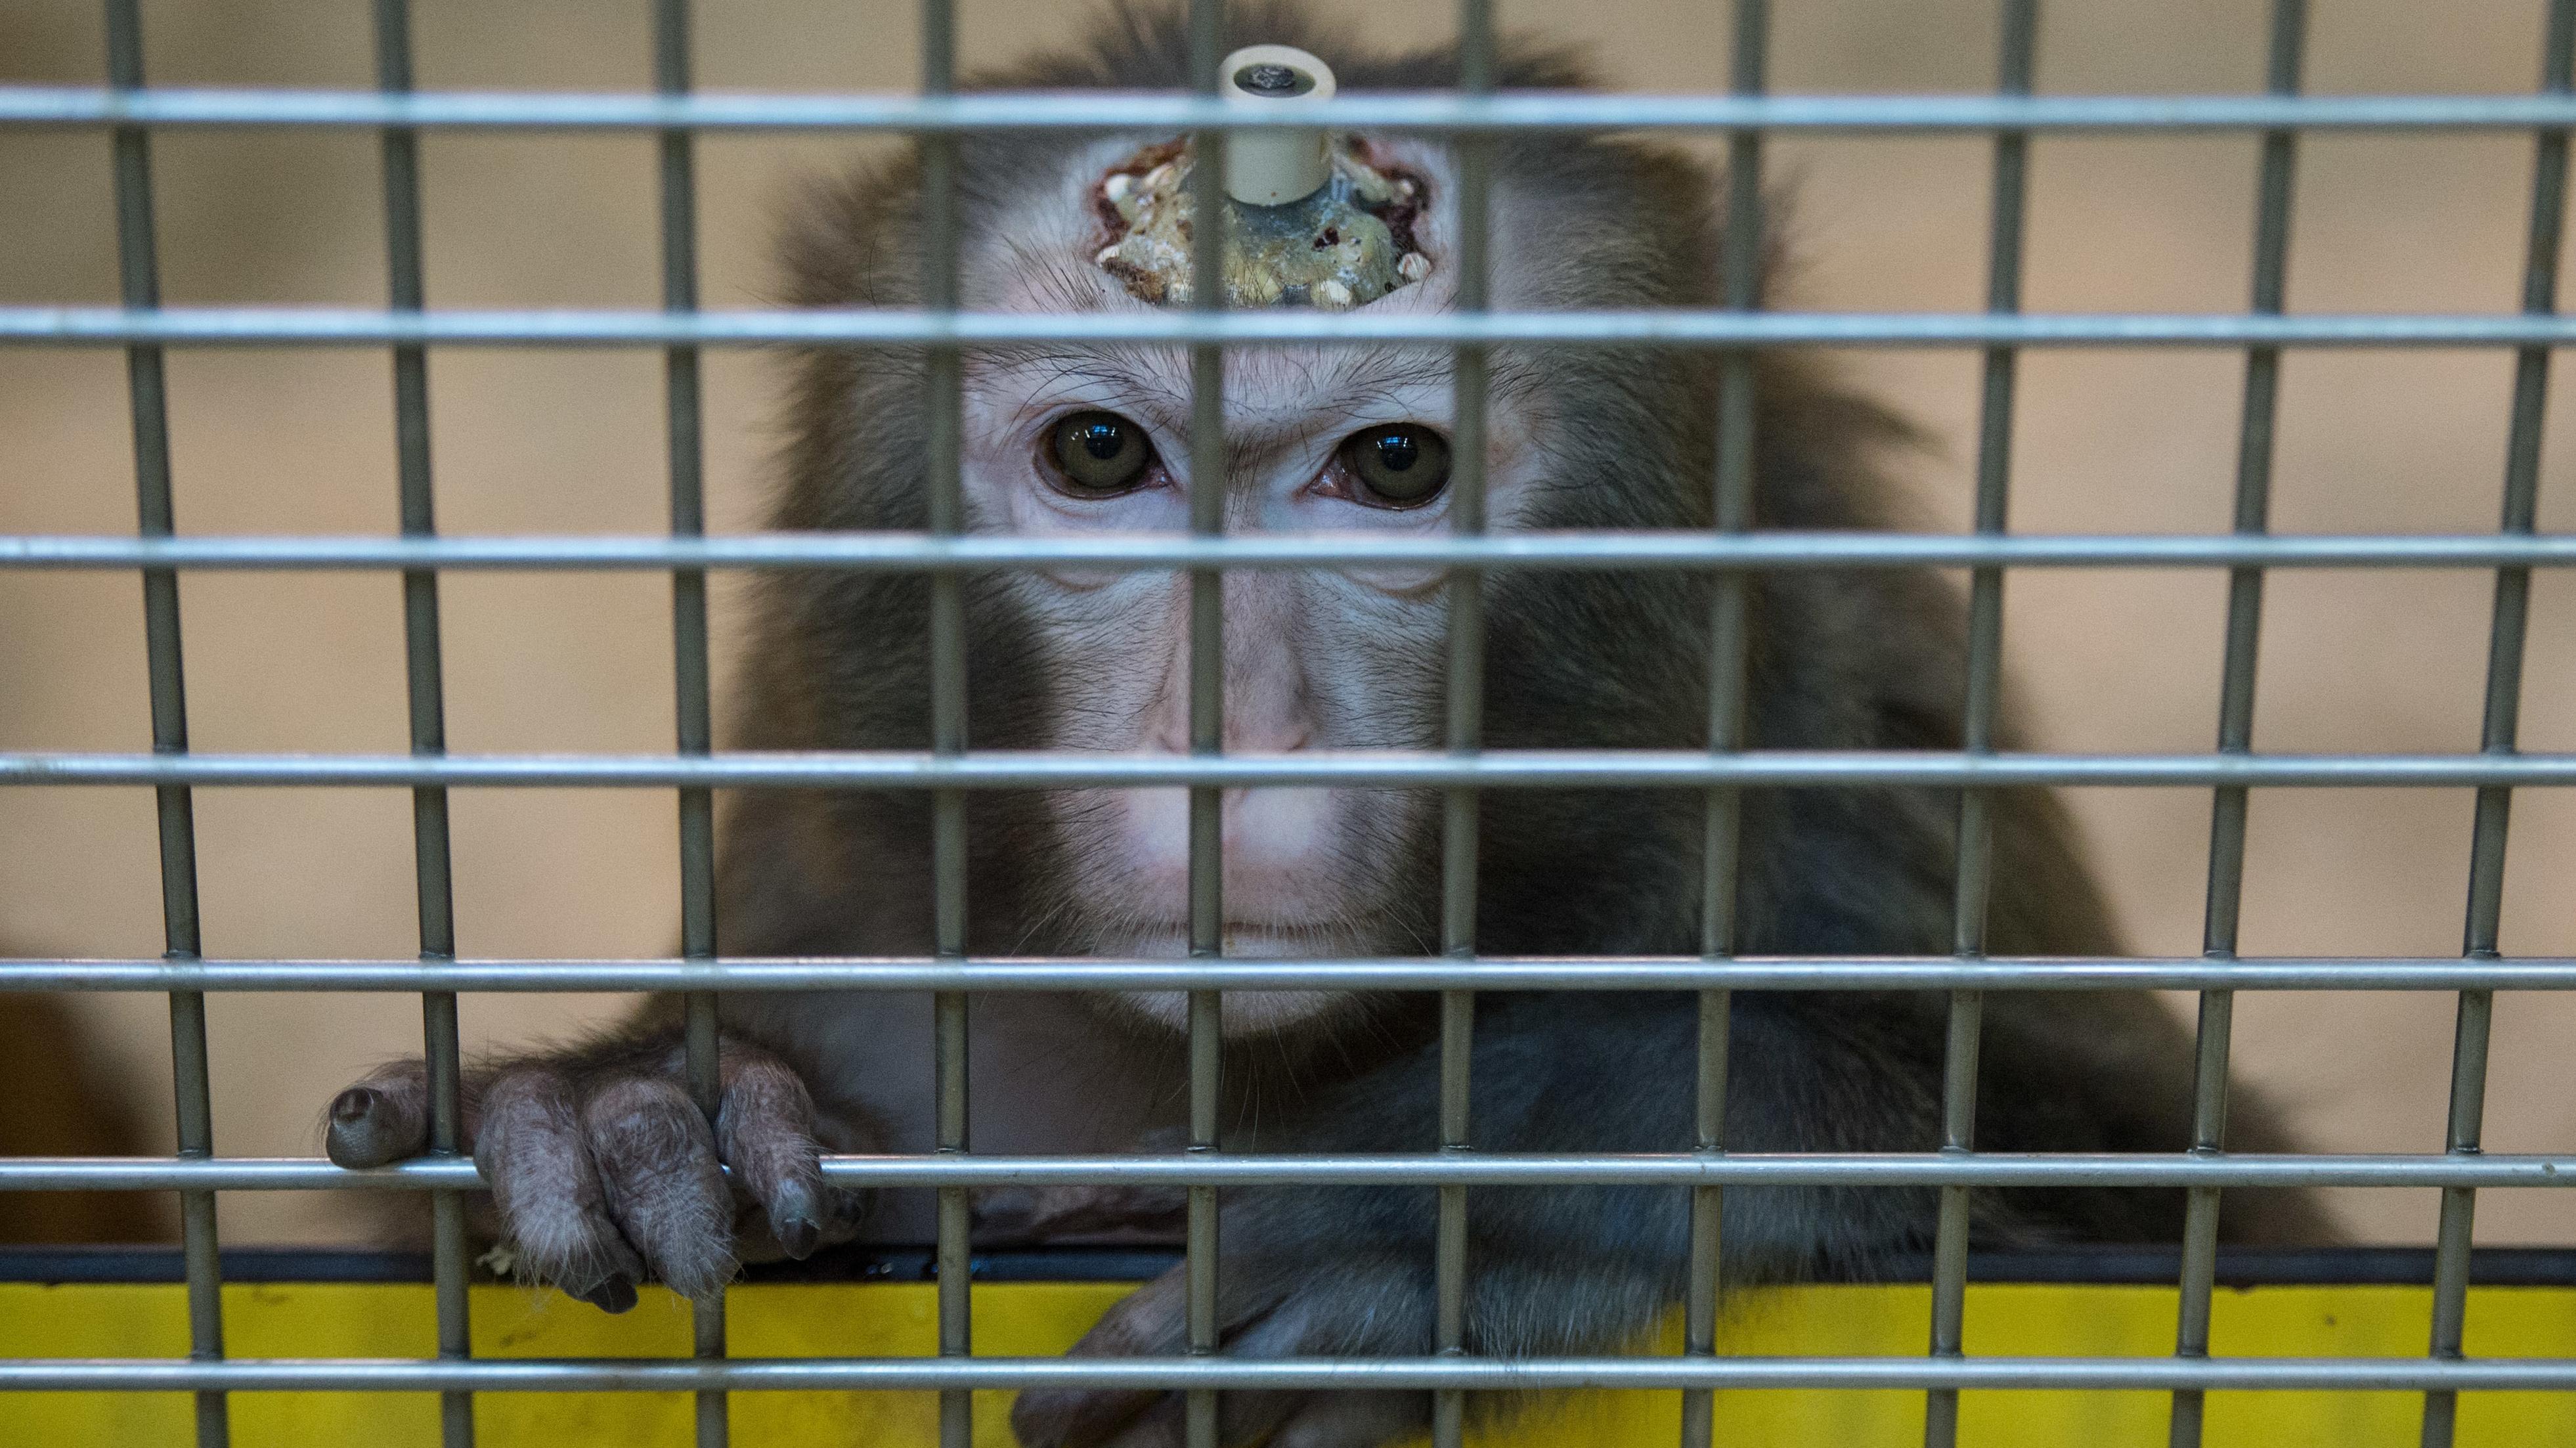 Ein Rhesus-Affe mit einem Implantat, aufgenommen am 10.03.2016 in der Tierhaltung im Max-Planck-Institut für biologische Kybernetik in Tübingen